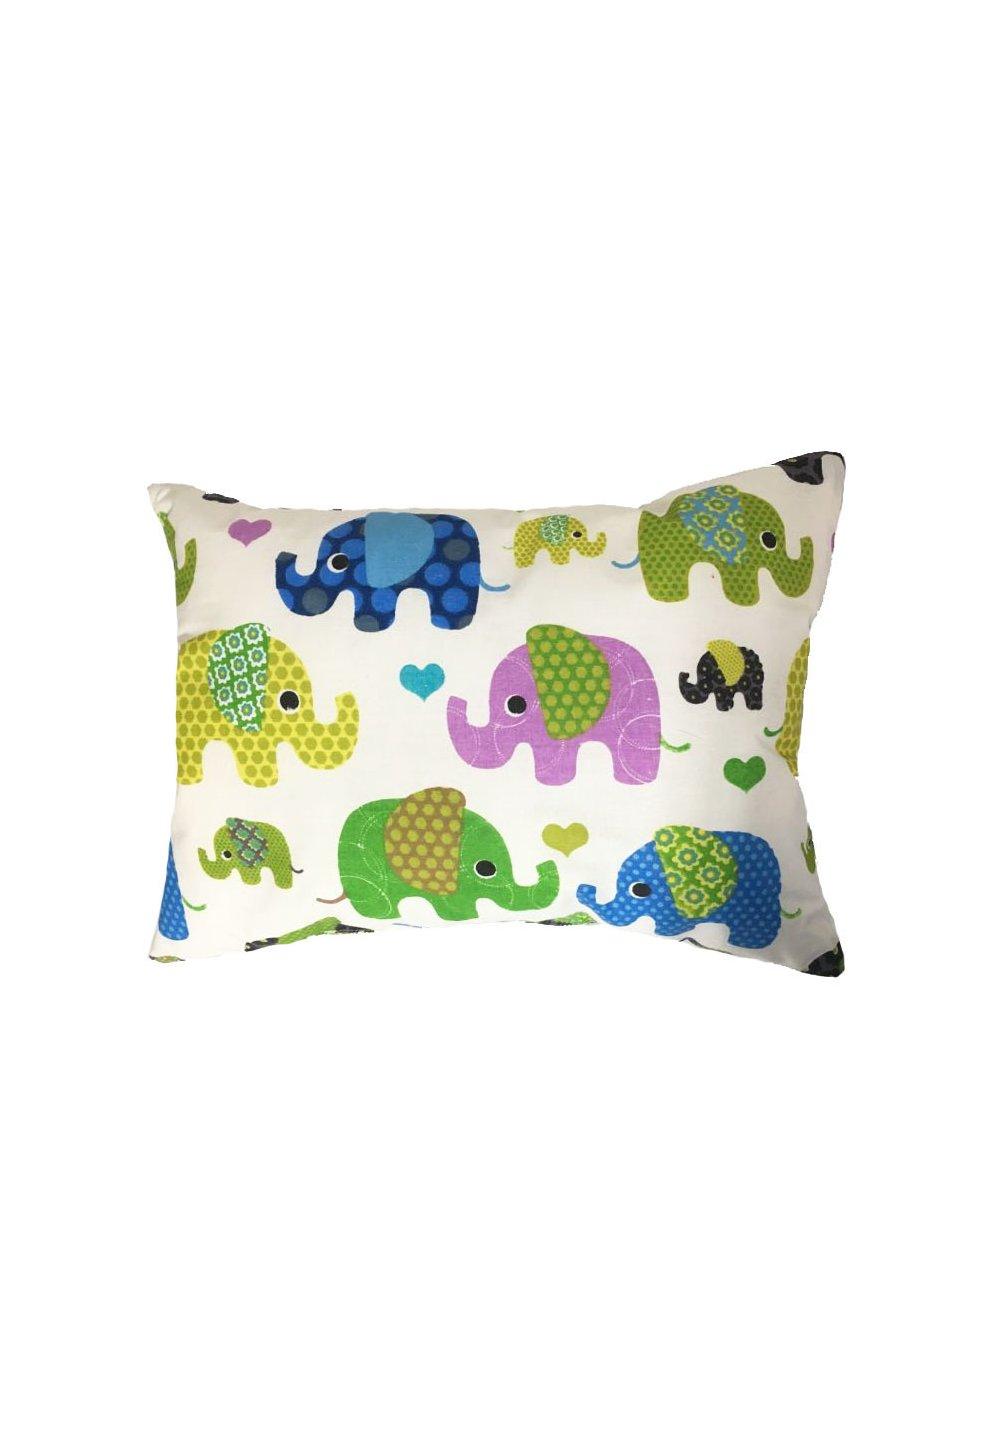 Perna, elefantei, turcoaz, 30x40cm imagine